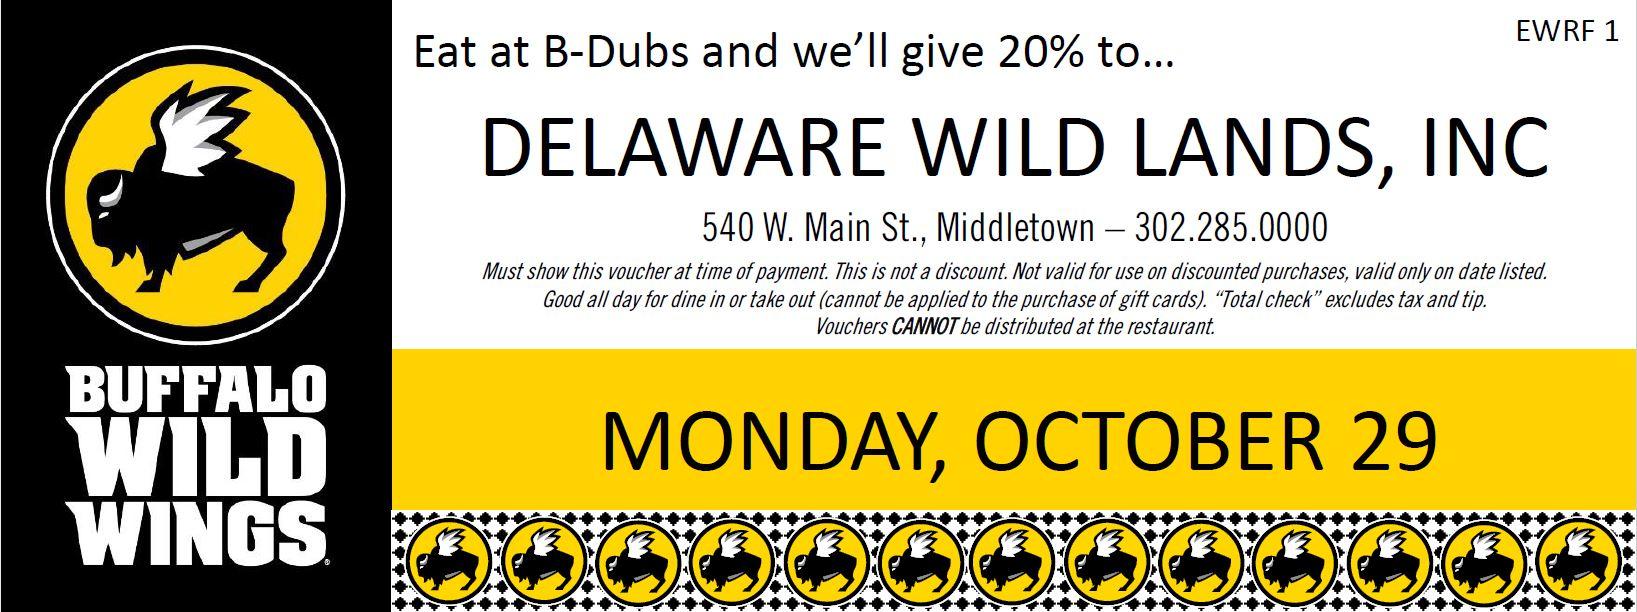 Events & Volunteer Opportunities - Delaware Wild Lands